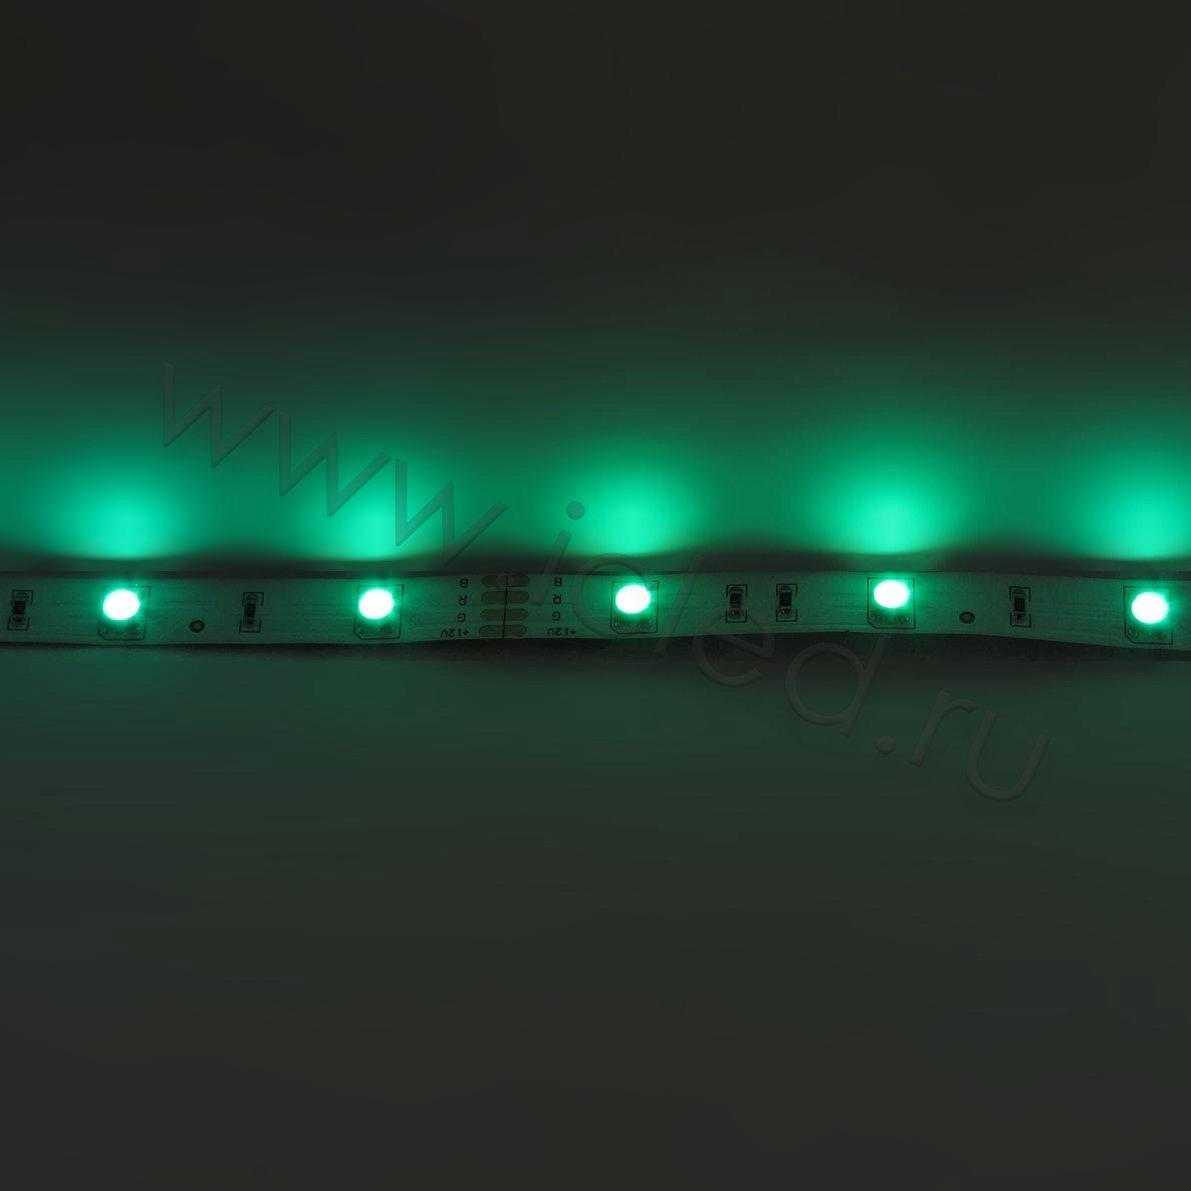 Светодиодная лента Econom class, 5050, 30led/m, RGB, 12V, IP33